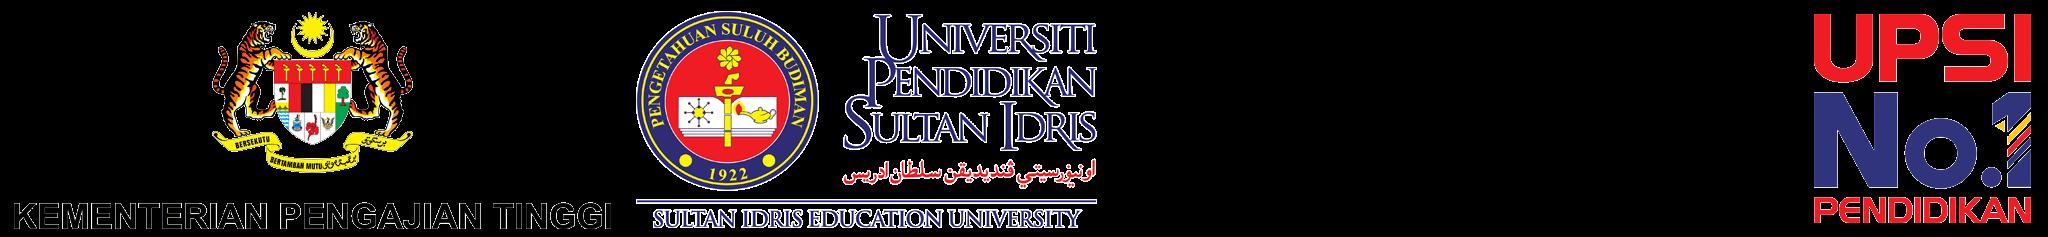 UPSI | Pusat Pembangunan Keusahawanan dan Kebolehpasaran Graduan